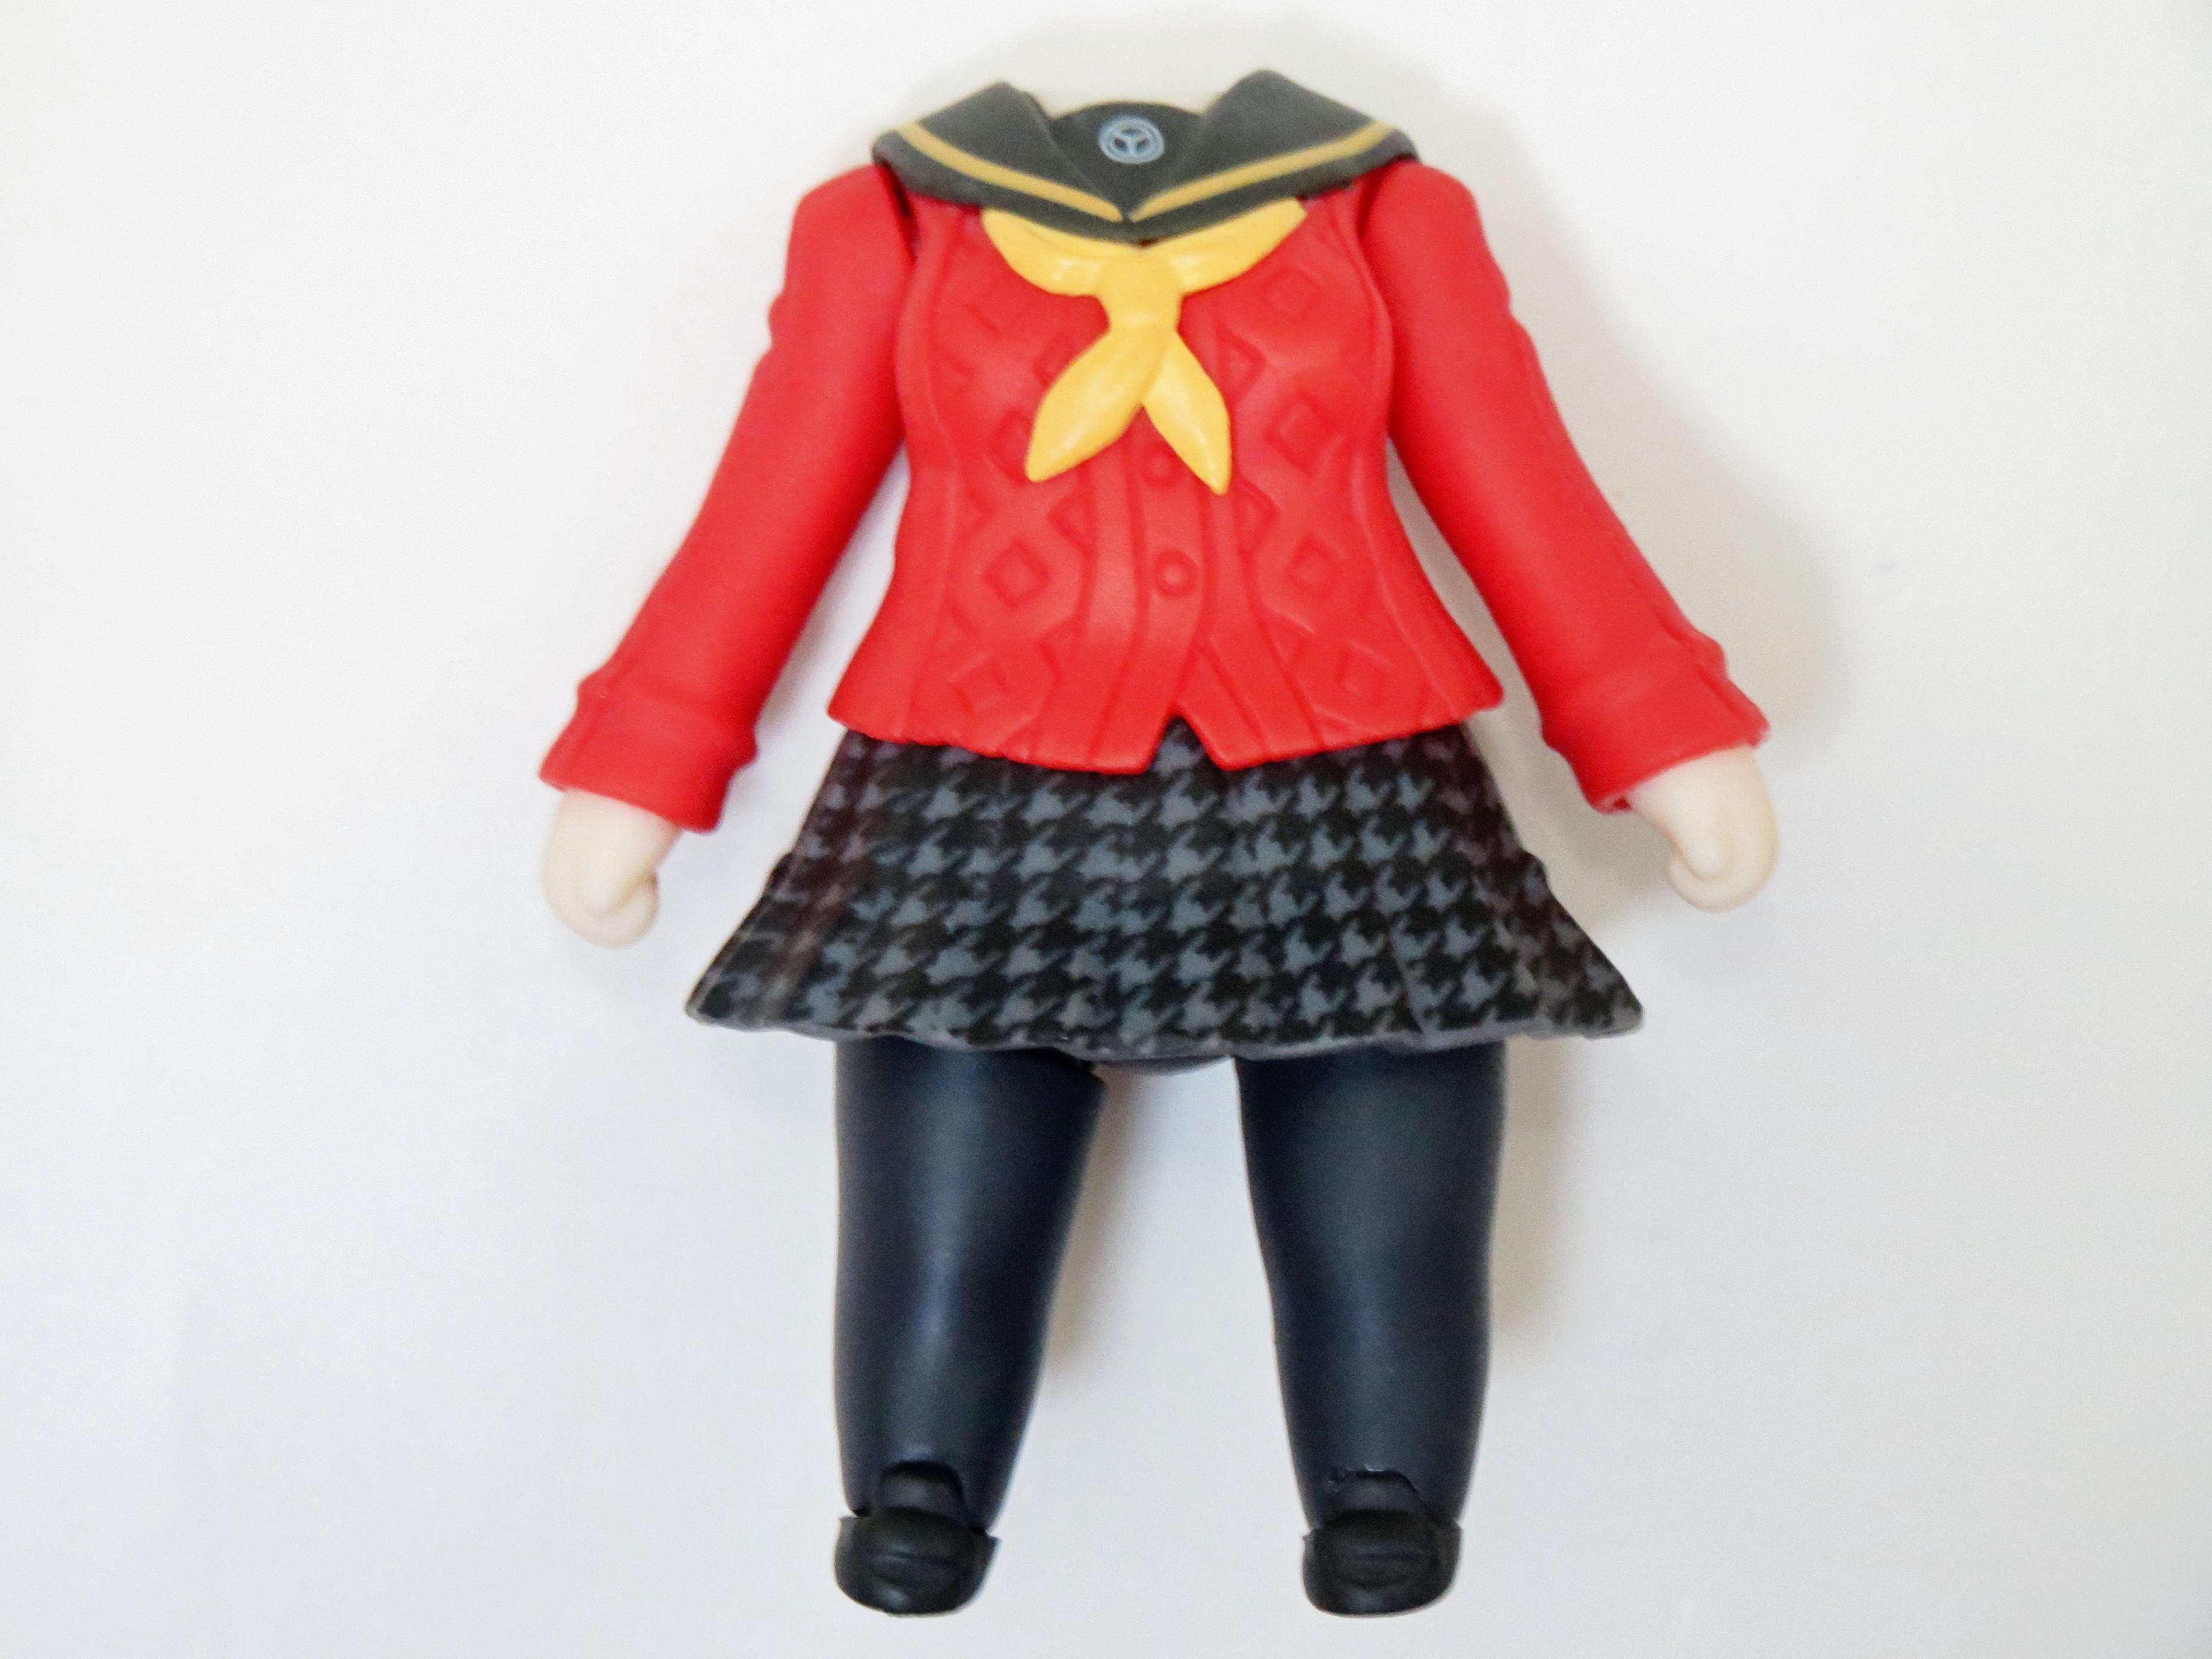 【238】 天城雪子 体パーツ 制服 ねんどろいど